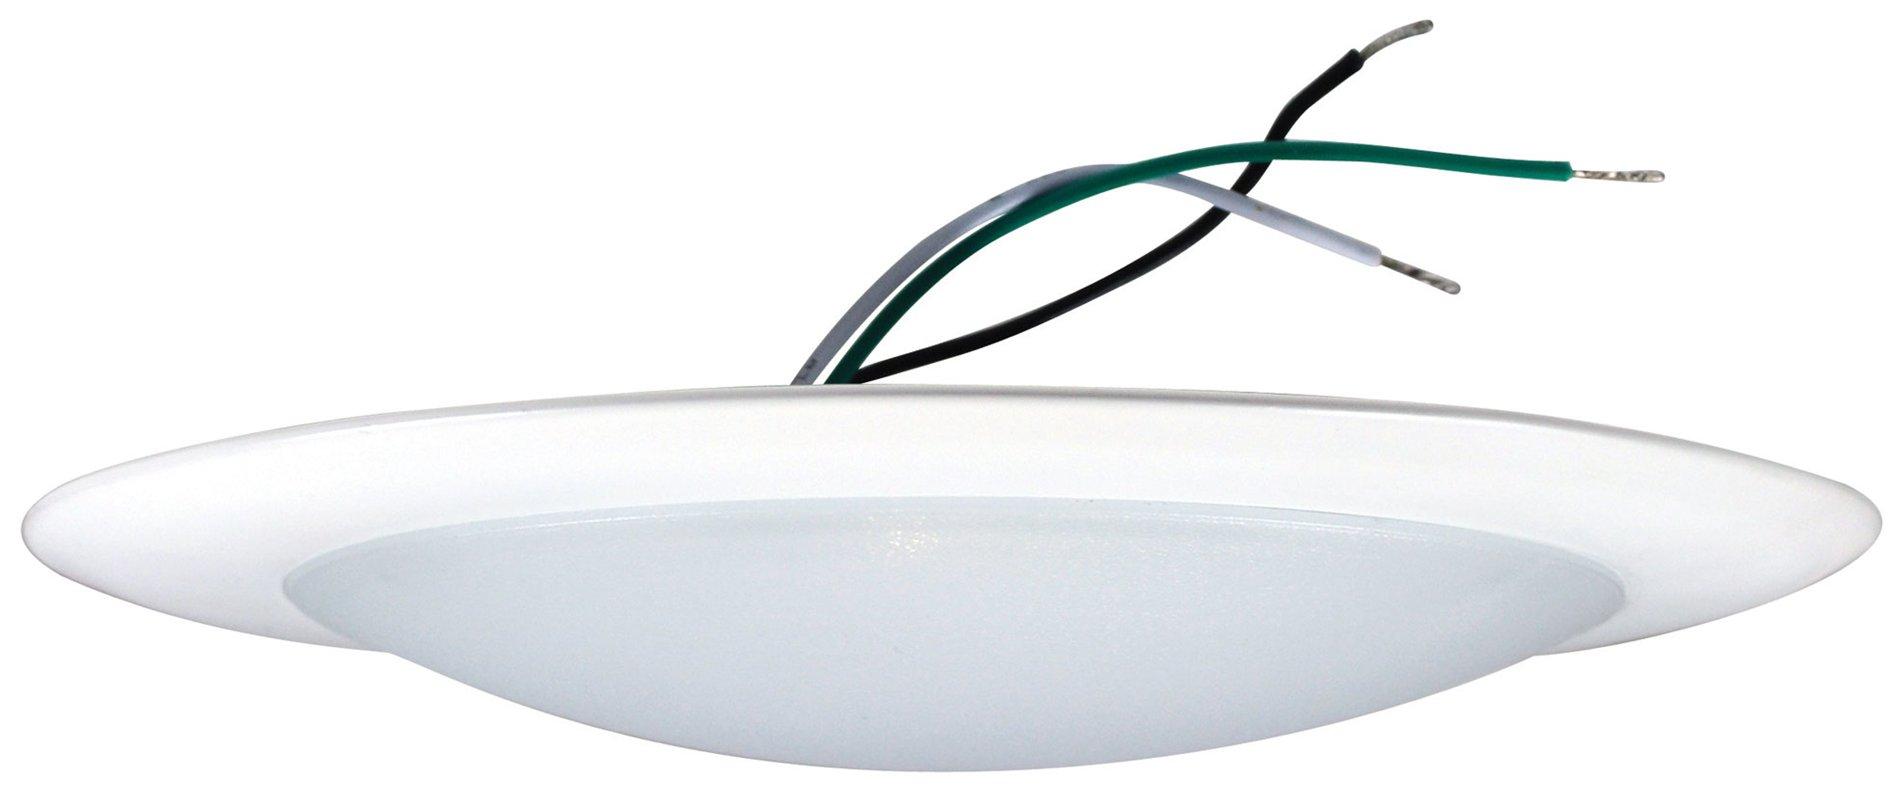 Nora Lighting NLOPACR650930AW 6 LED Surface Mount AC